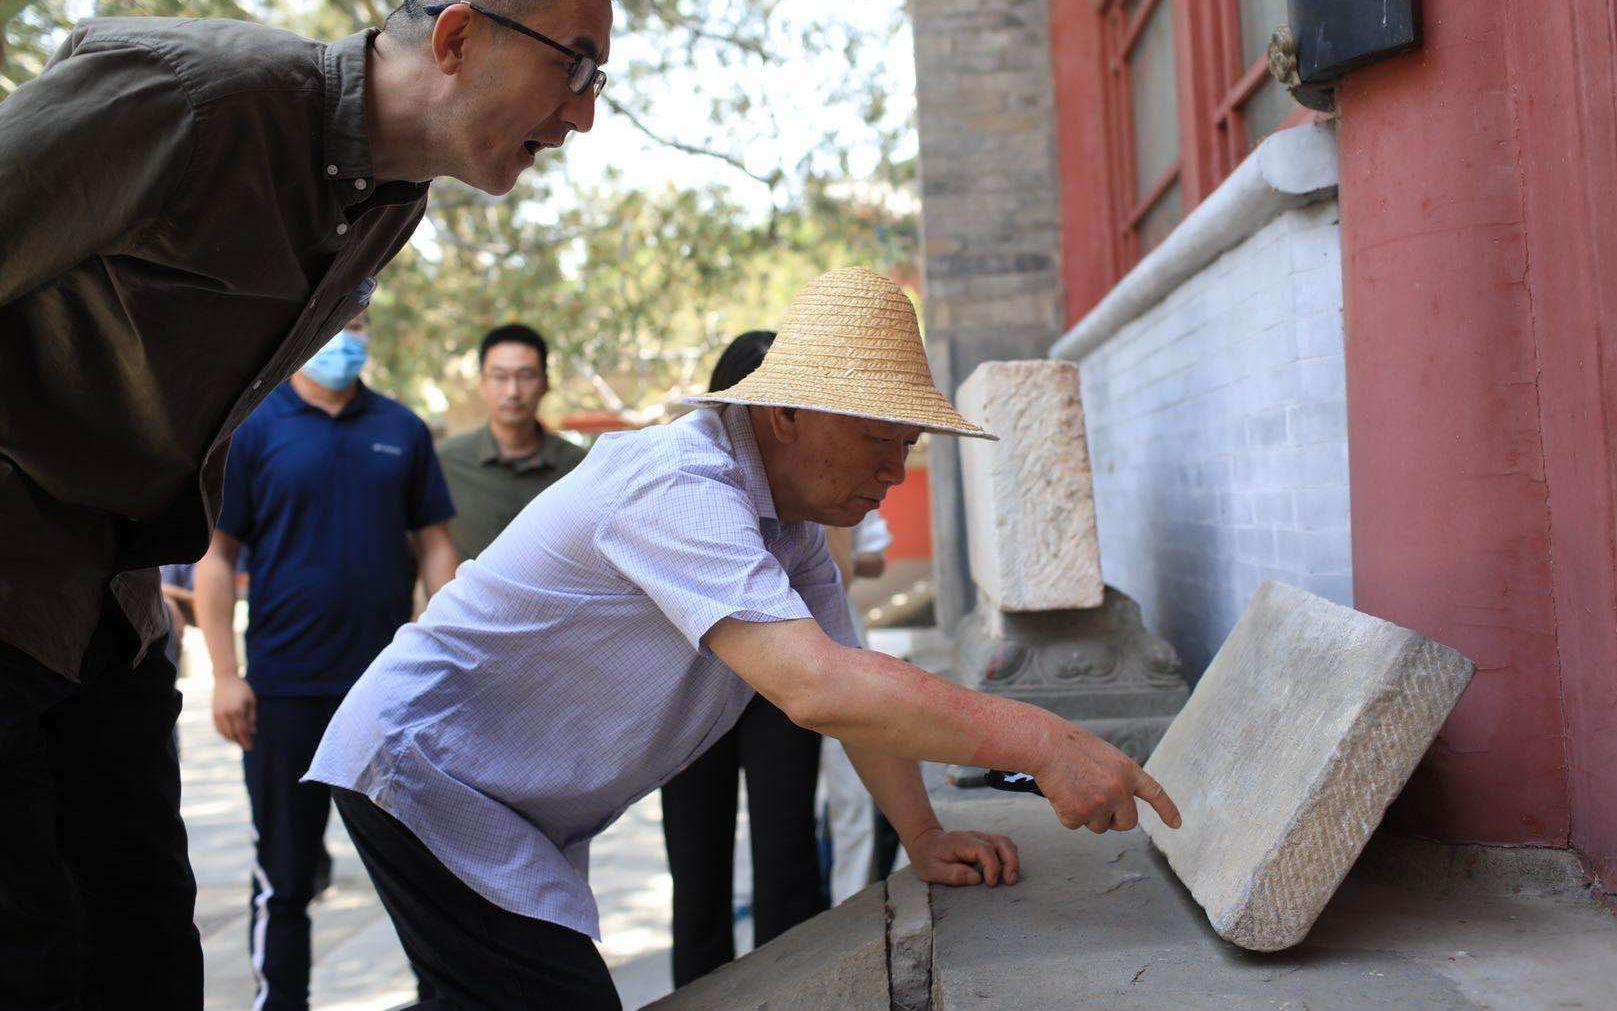 彩票代理,现辽代石经板专家北京三彩票代理处藏石经图片